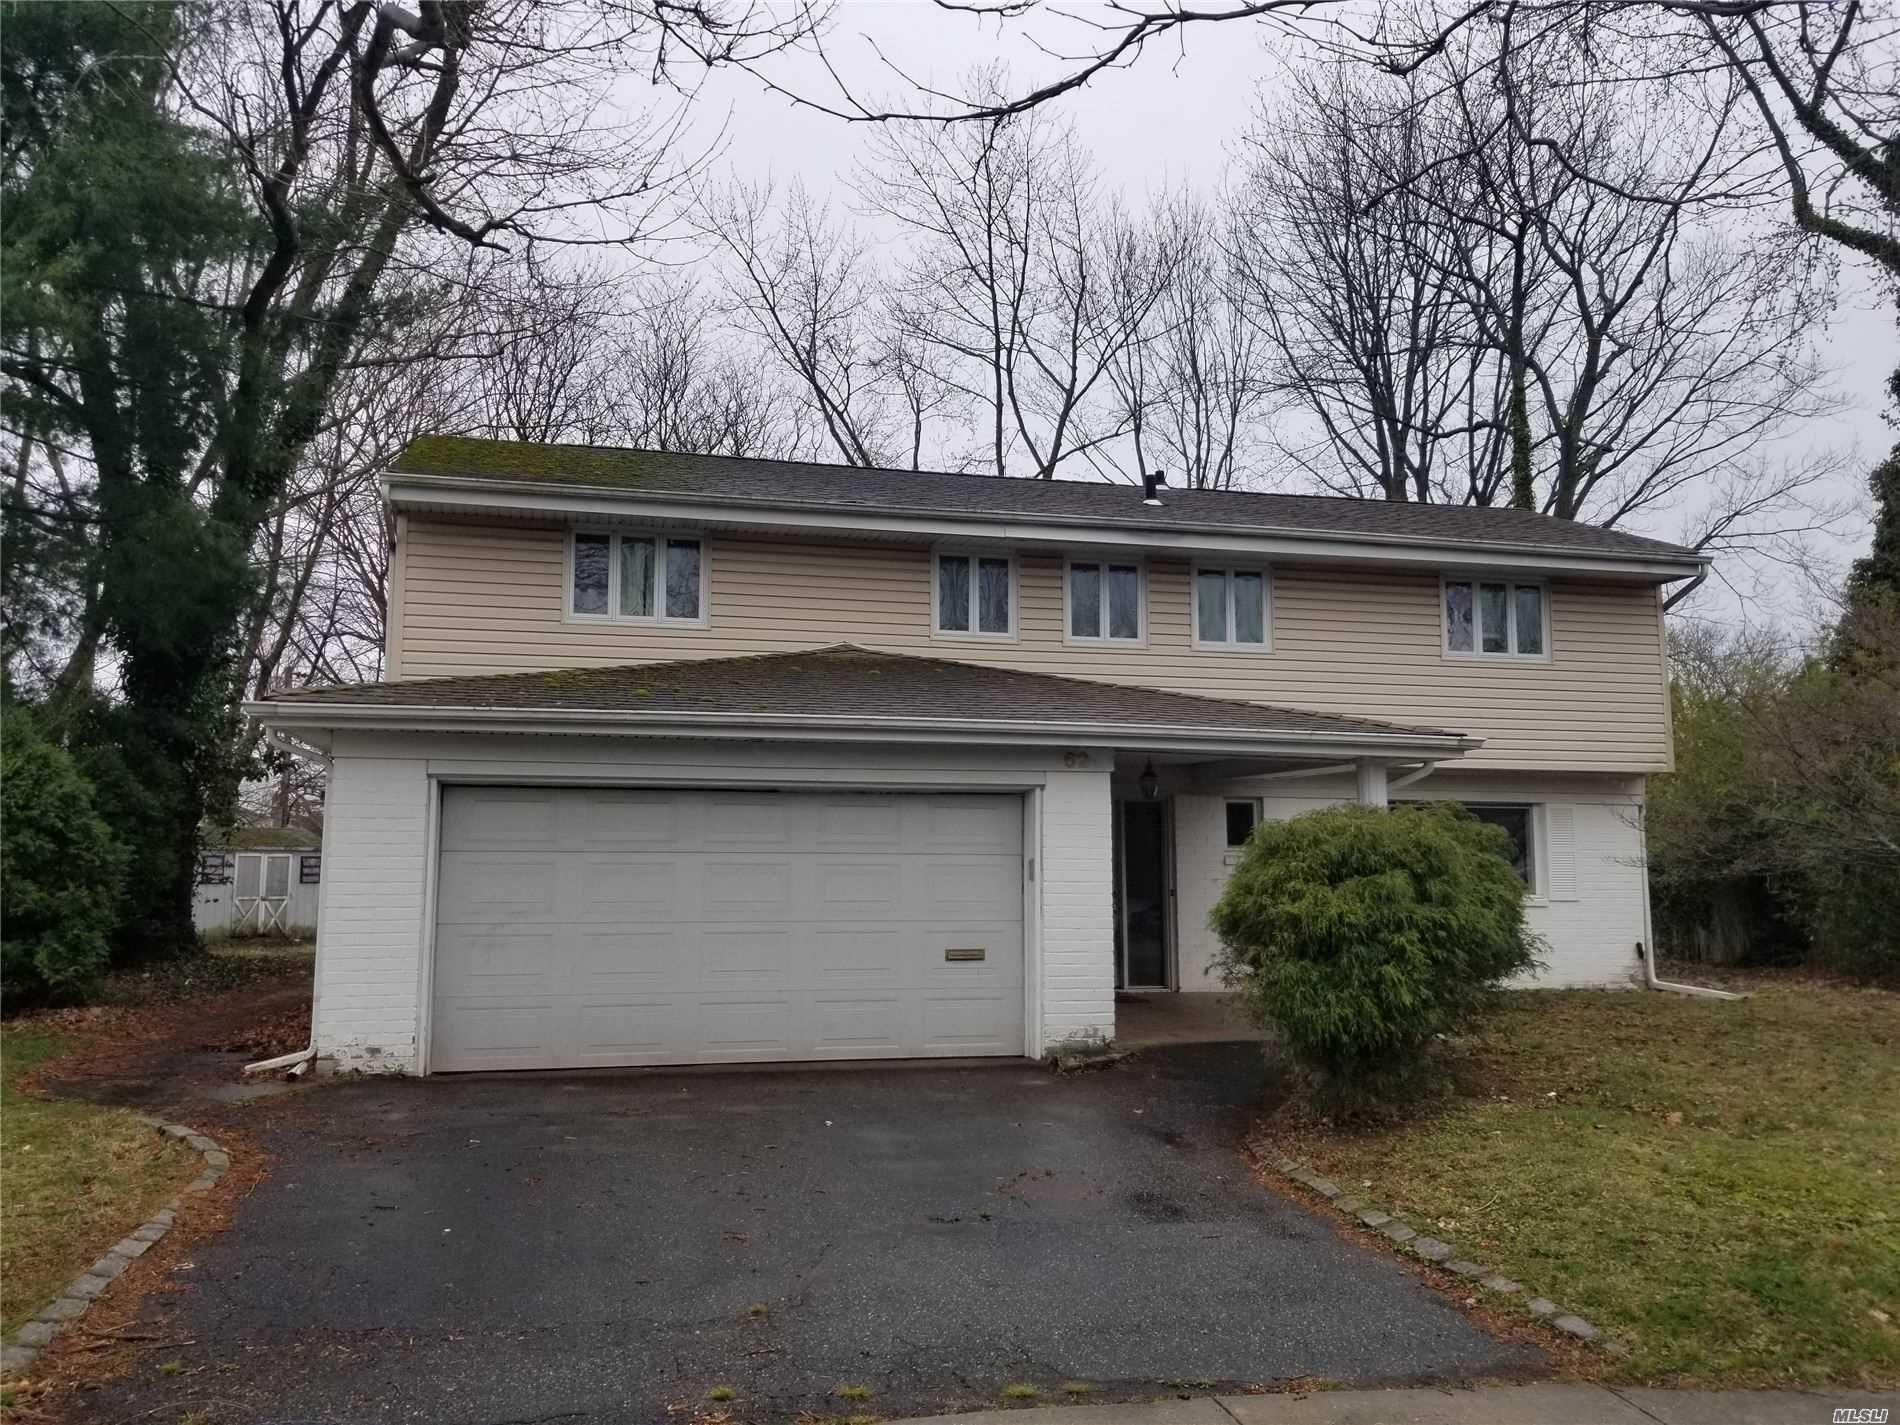 62 Randy Ln, Plainview, NY 11803 - MLS#: 3210250